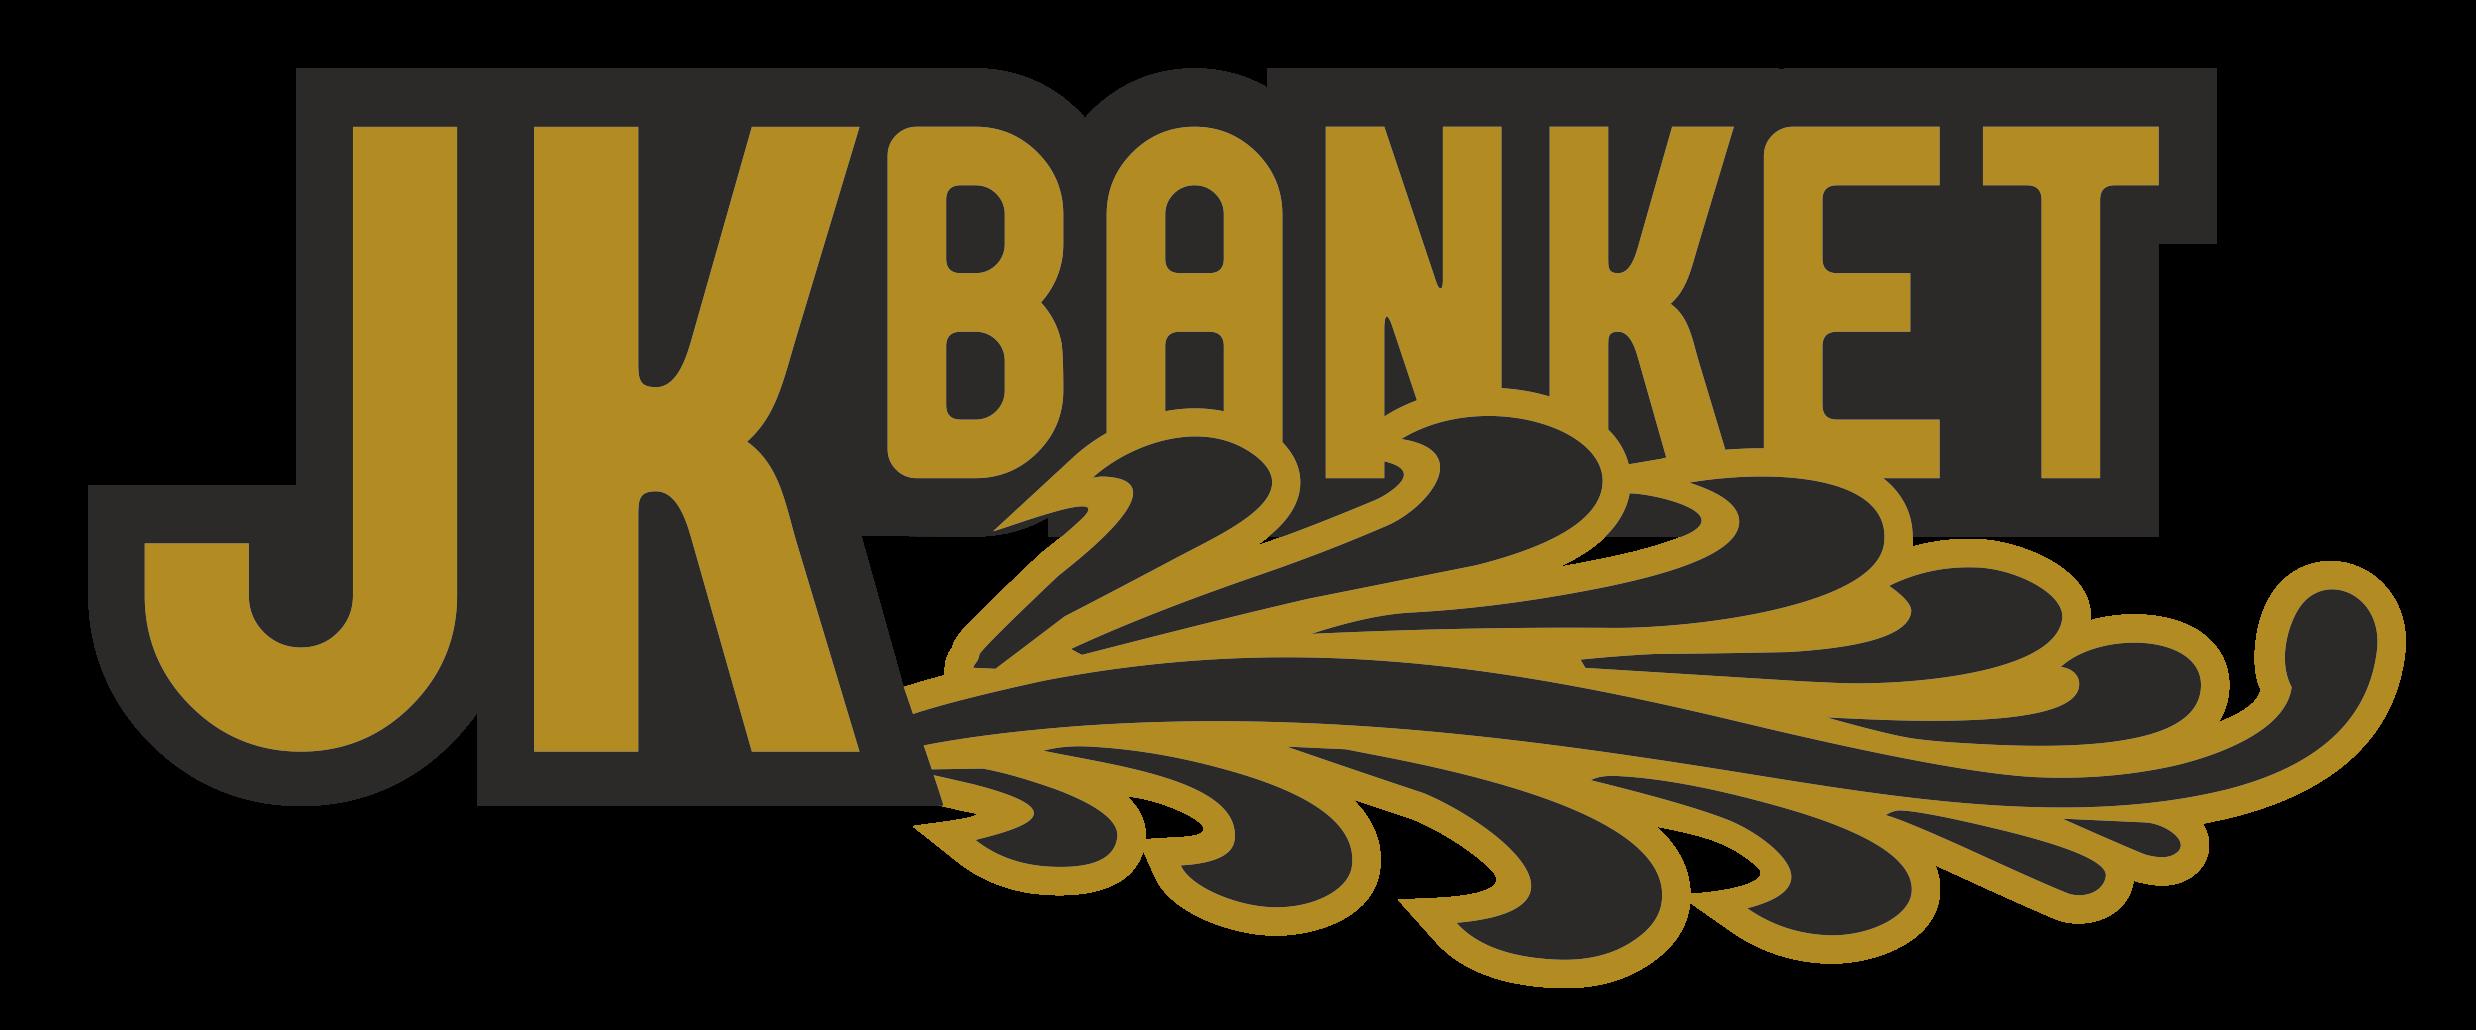 JK Banket logo